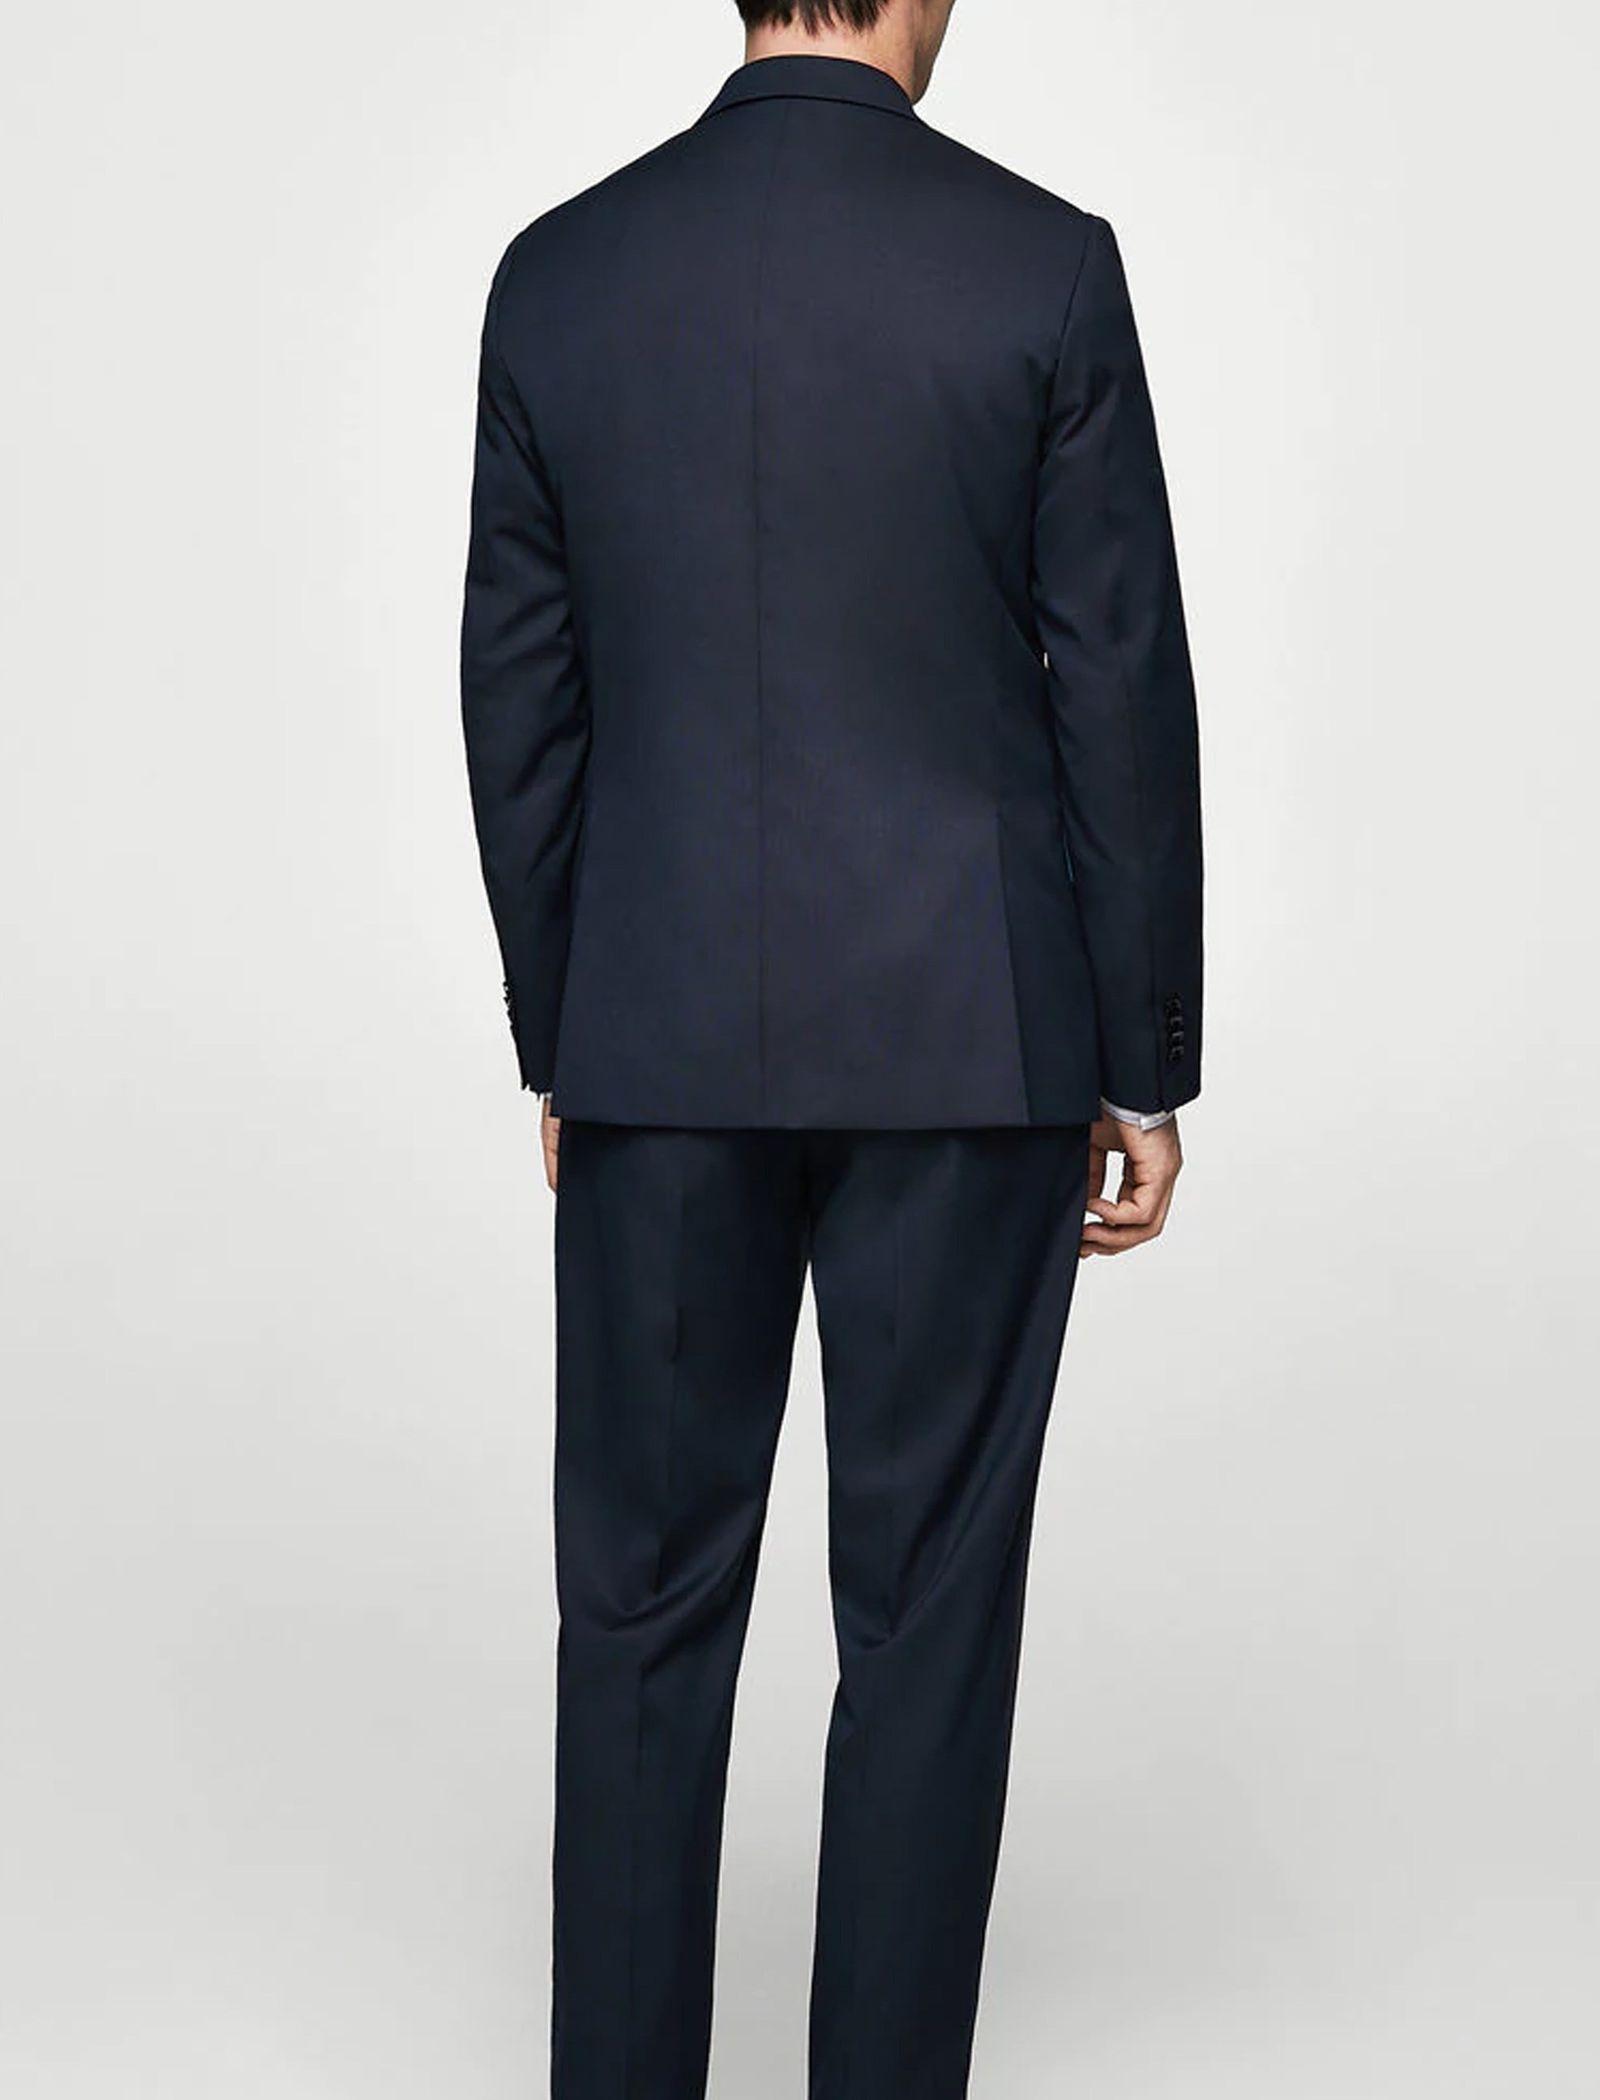 کت تک رسمی مردانه - مانگو - سرمه اي - 3